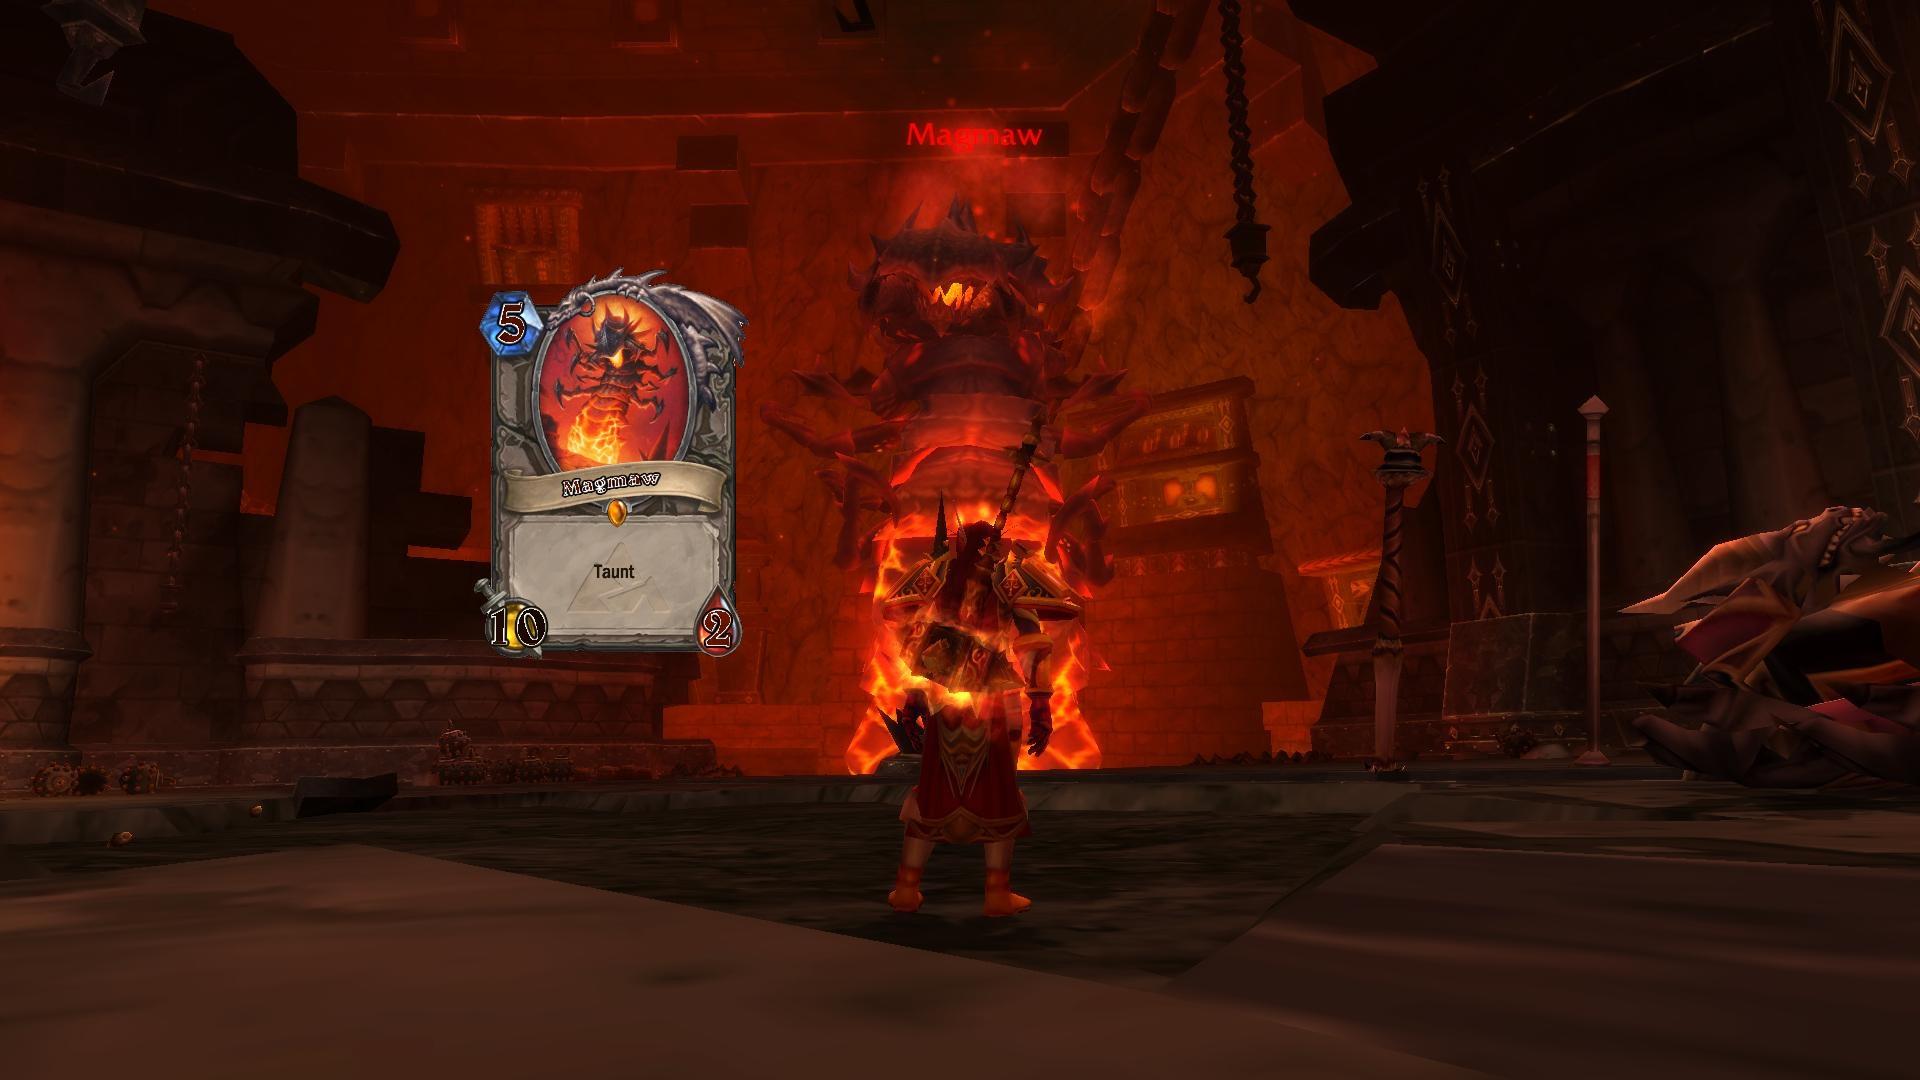 魔兽世界中的炉石卡牌原型